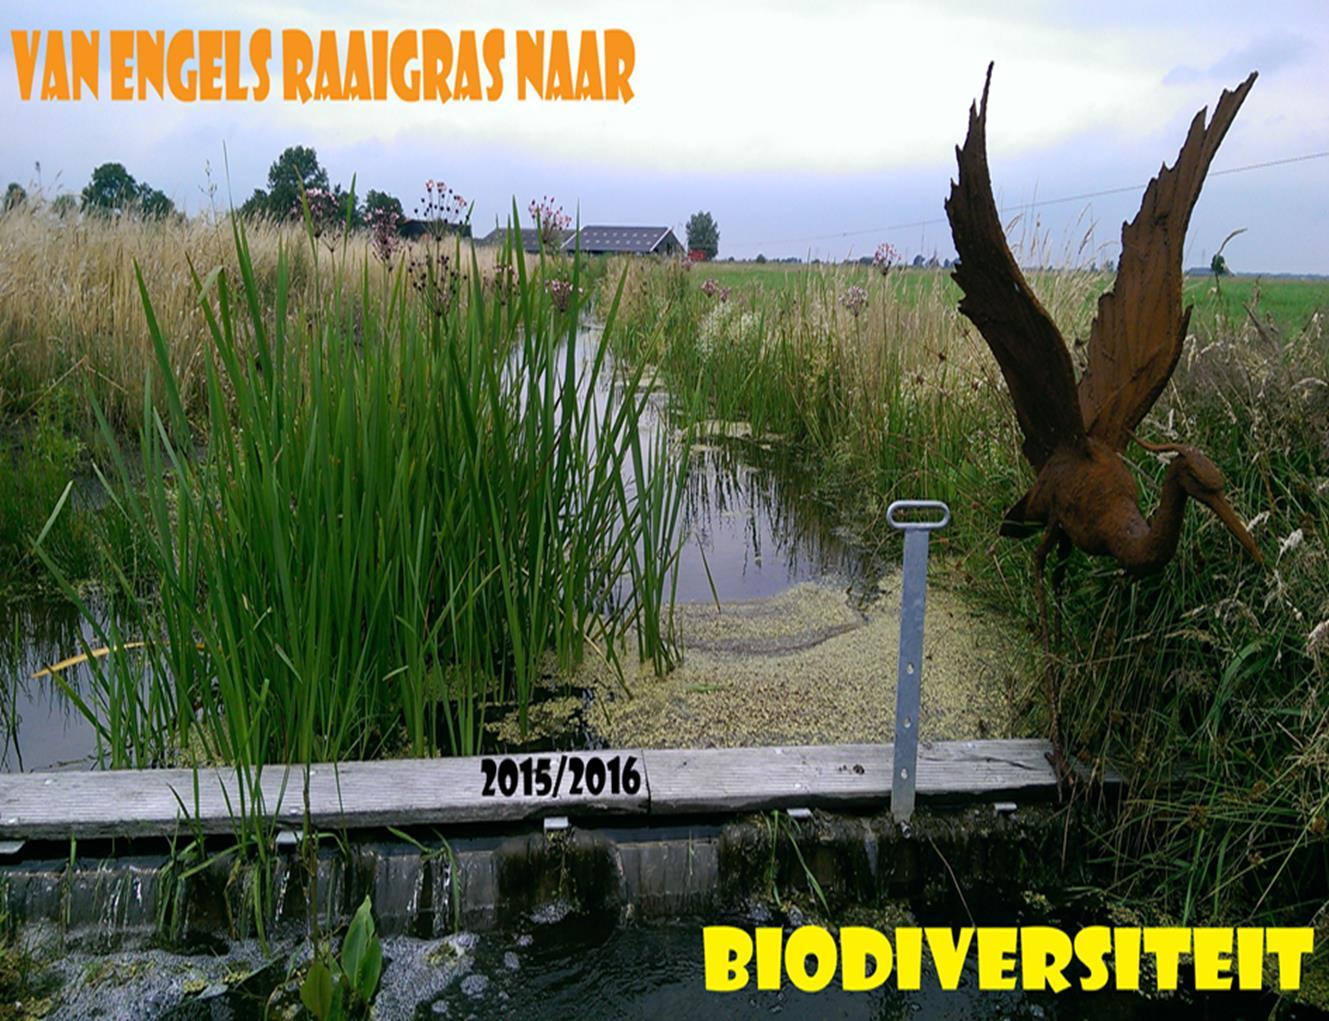 Van Engels raaigras naar biodiversiteit